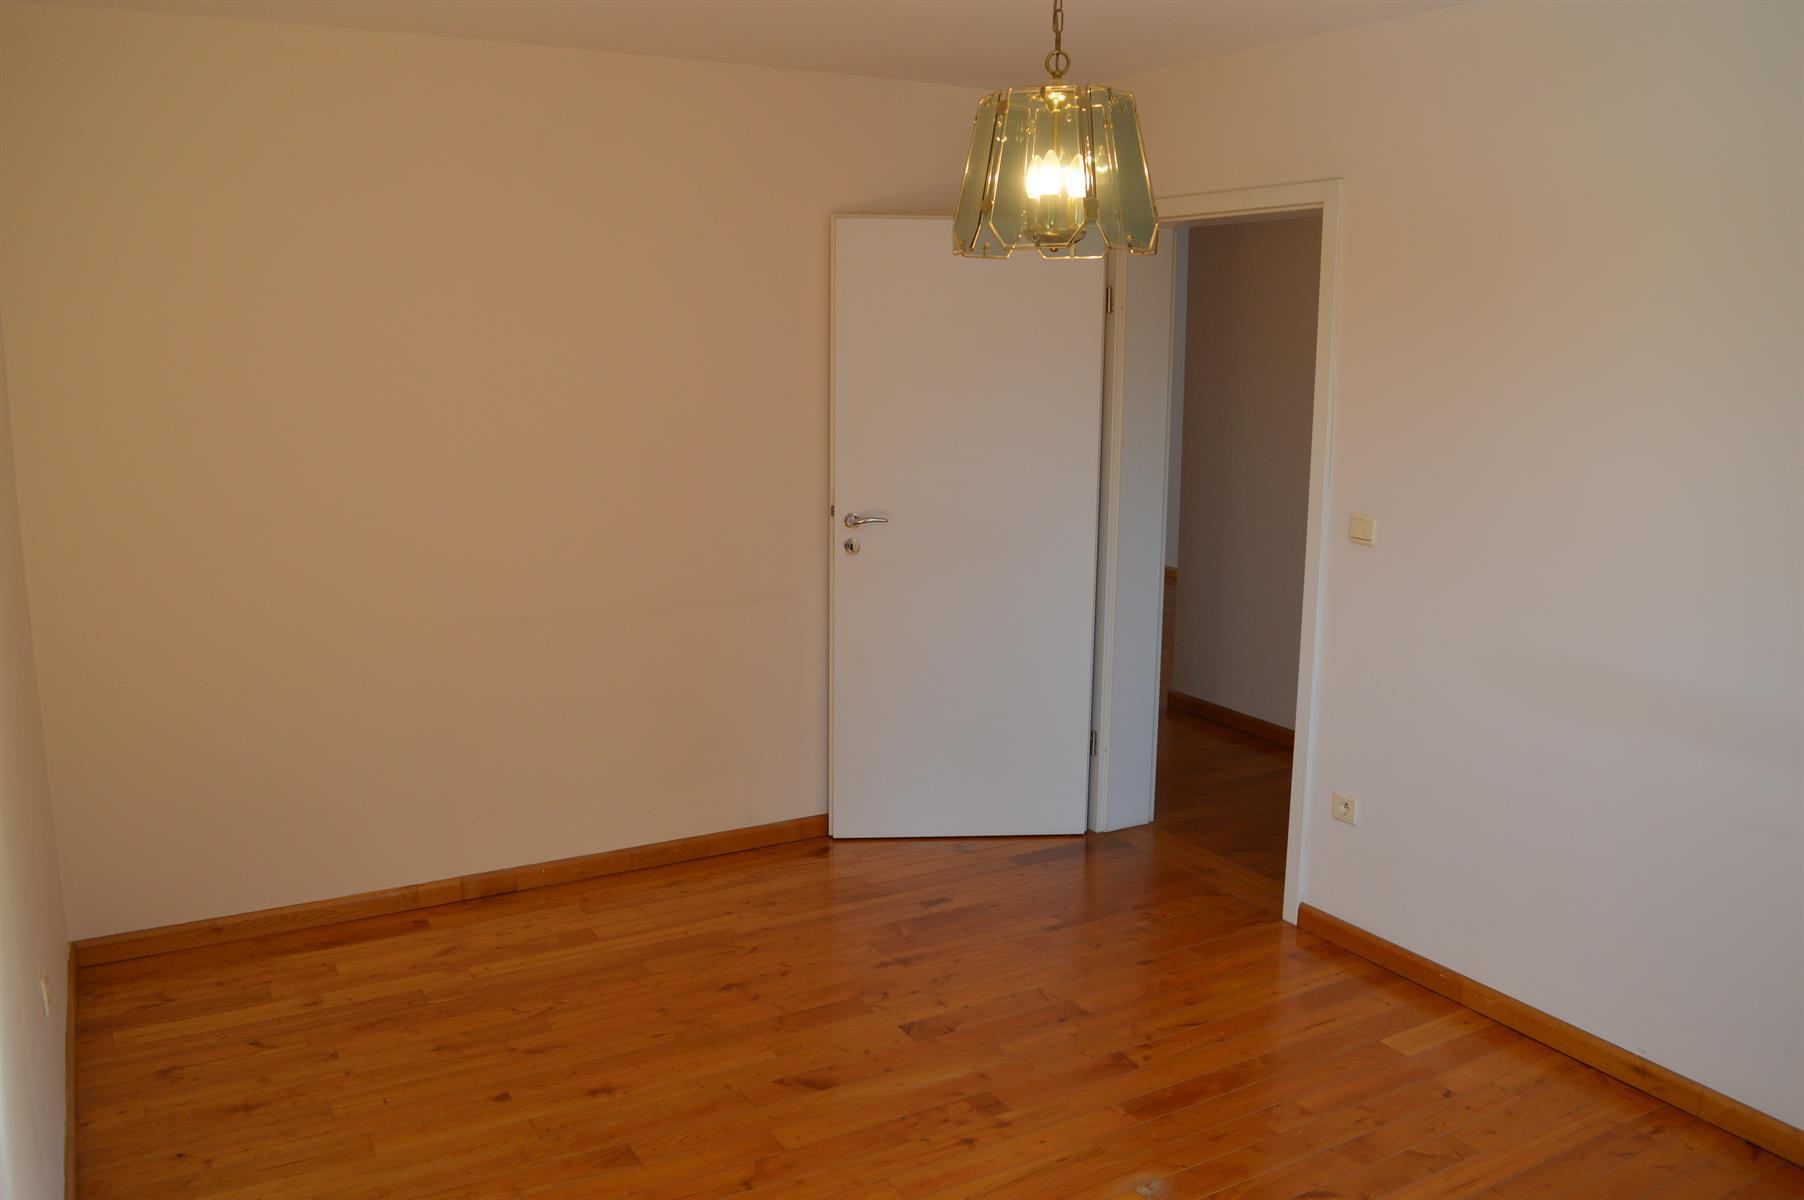 Appartement - Waremme - #4342836-7